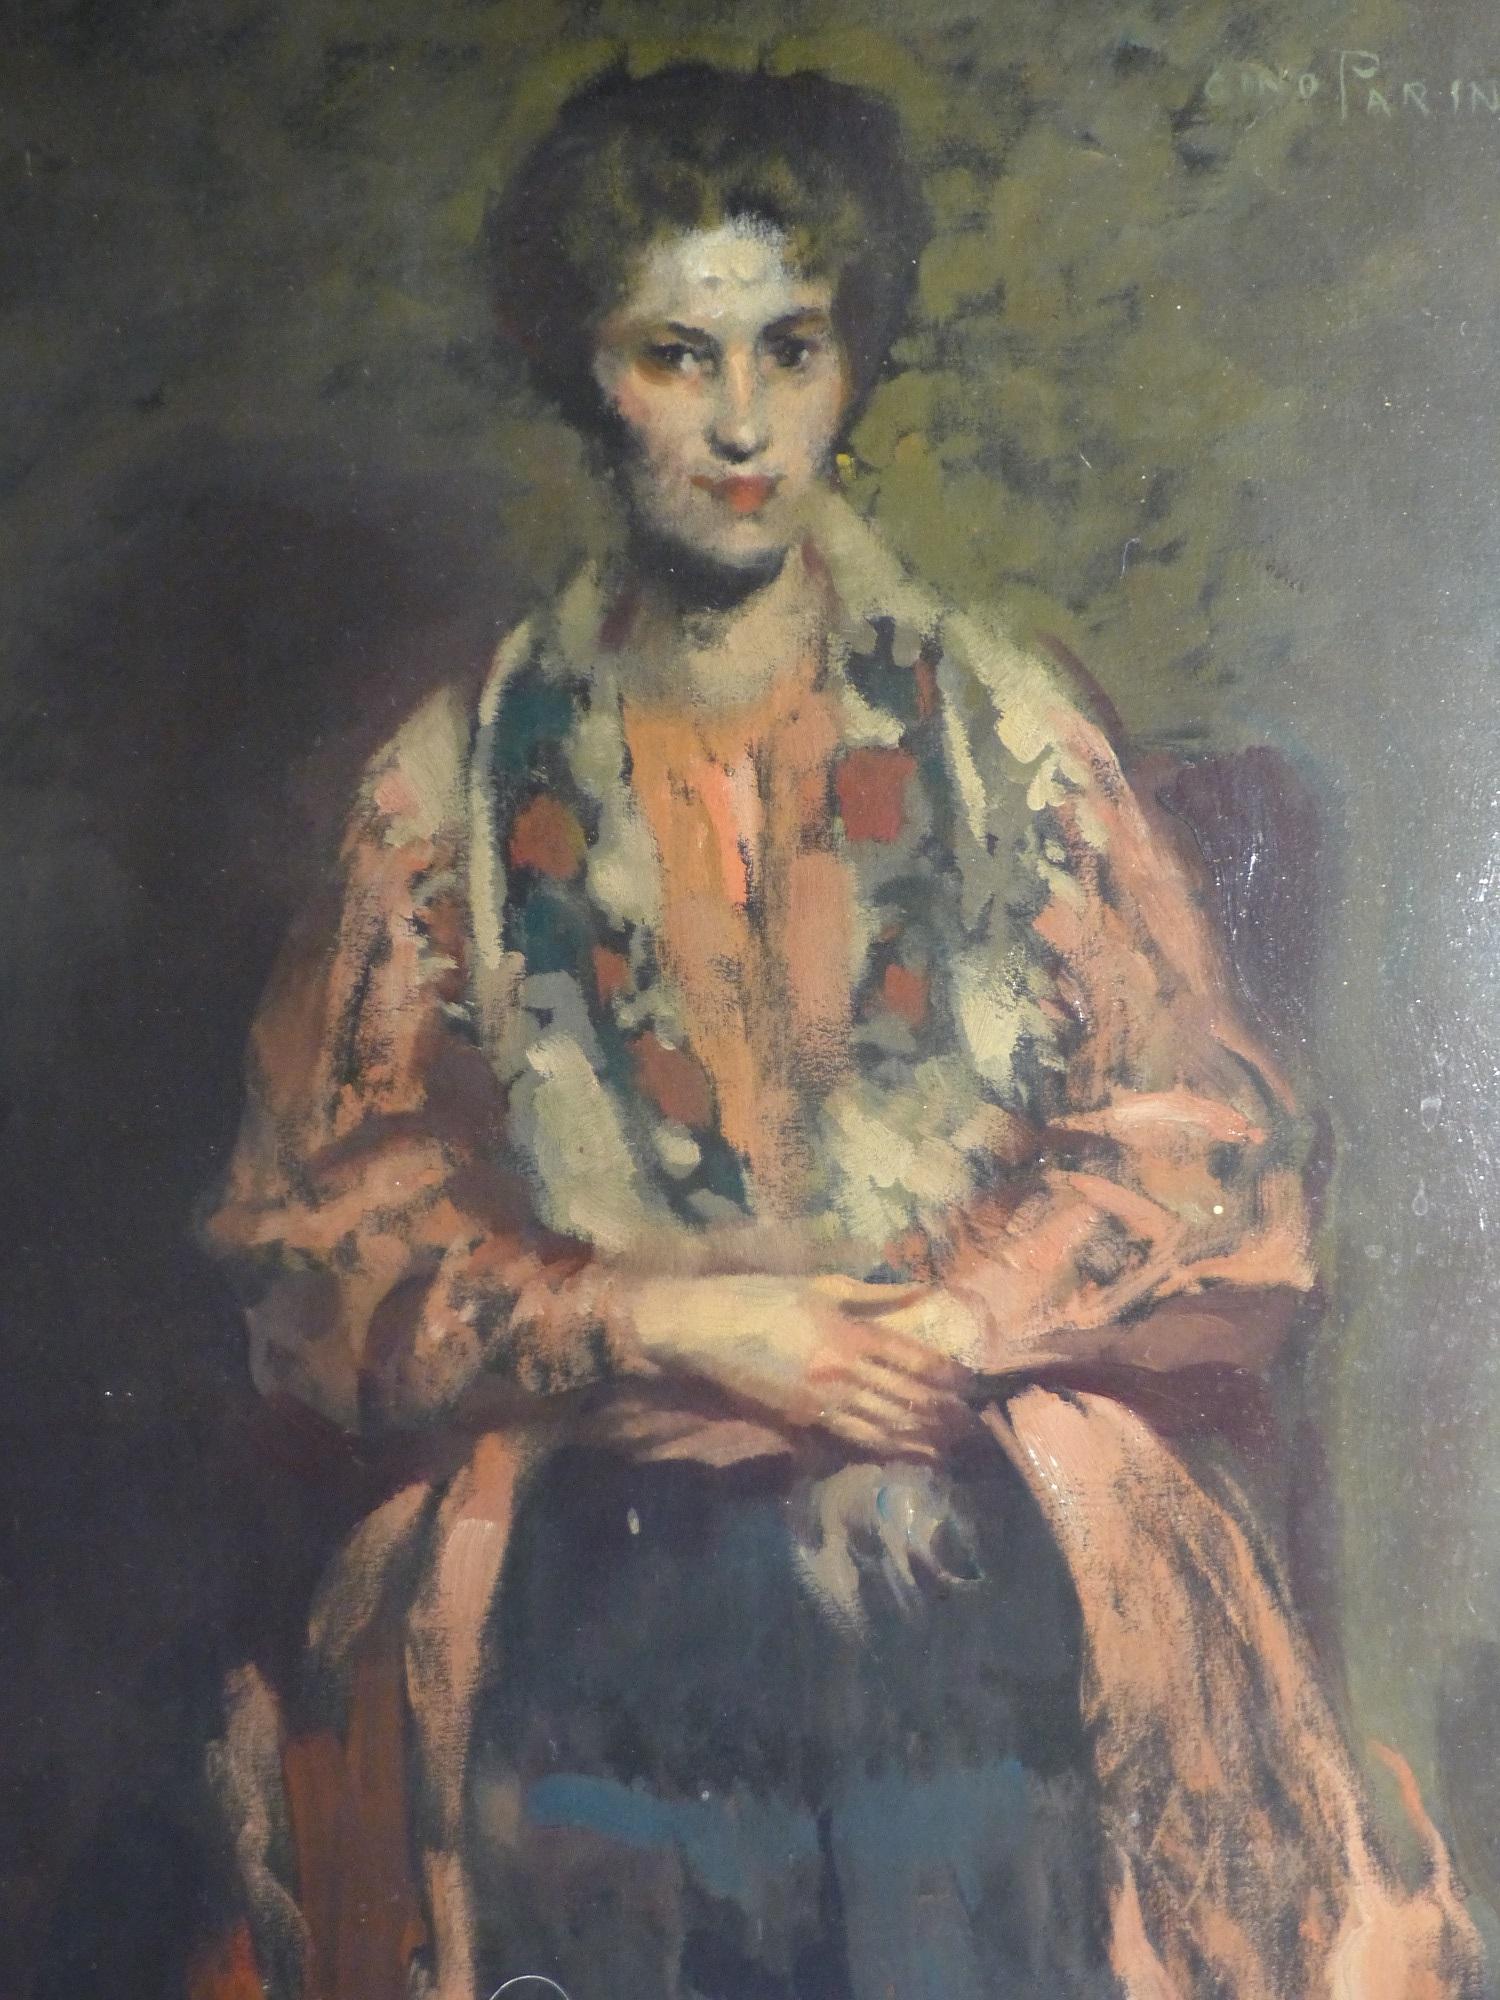 Gino Parin, Ritratto femminile, olio su tela, 1918-1922 circa, 70x50 cm, inv. 5235Restauro: Nevyjel Restauri d'Arte, Trieste 2019, grazie alla donazione di Maria Lanieri in memoria di Giorgio Lanieri e Giusy Romeo.